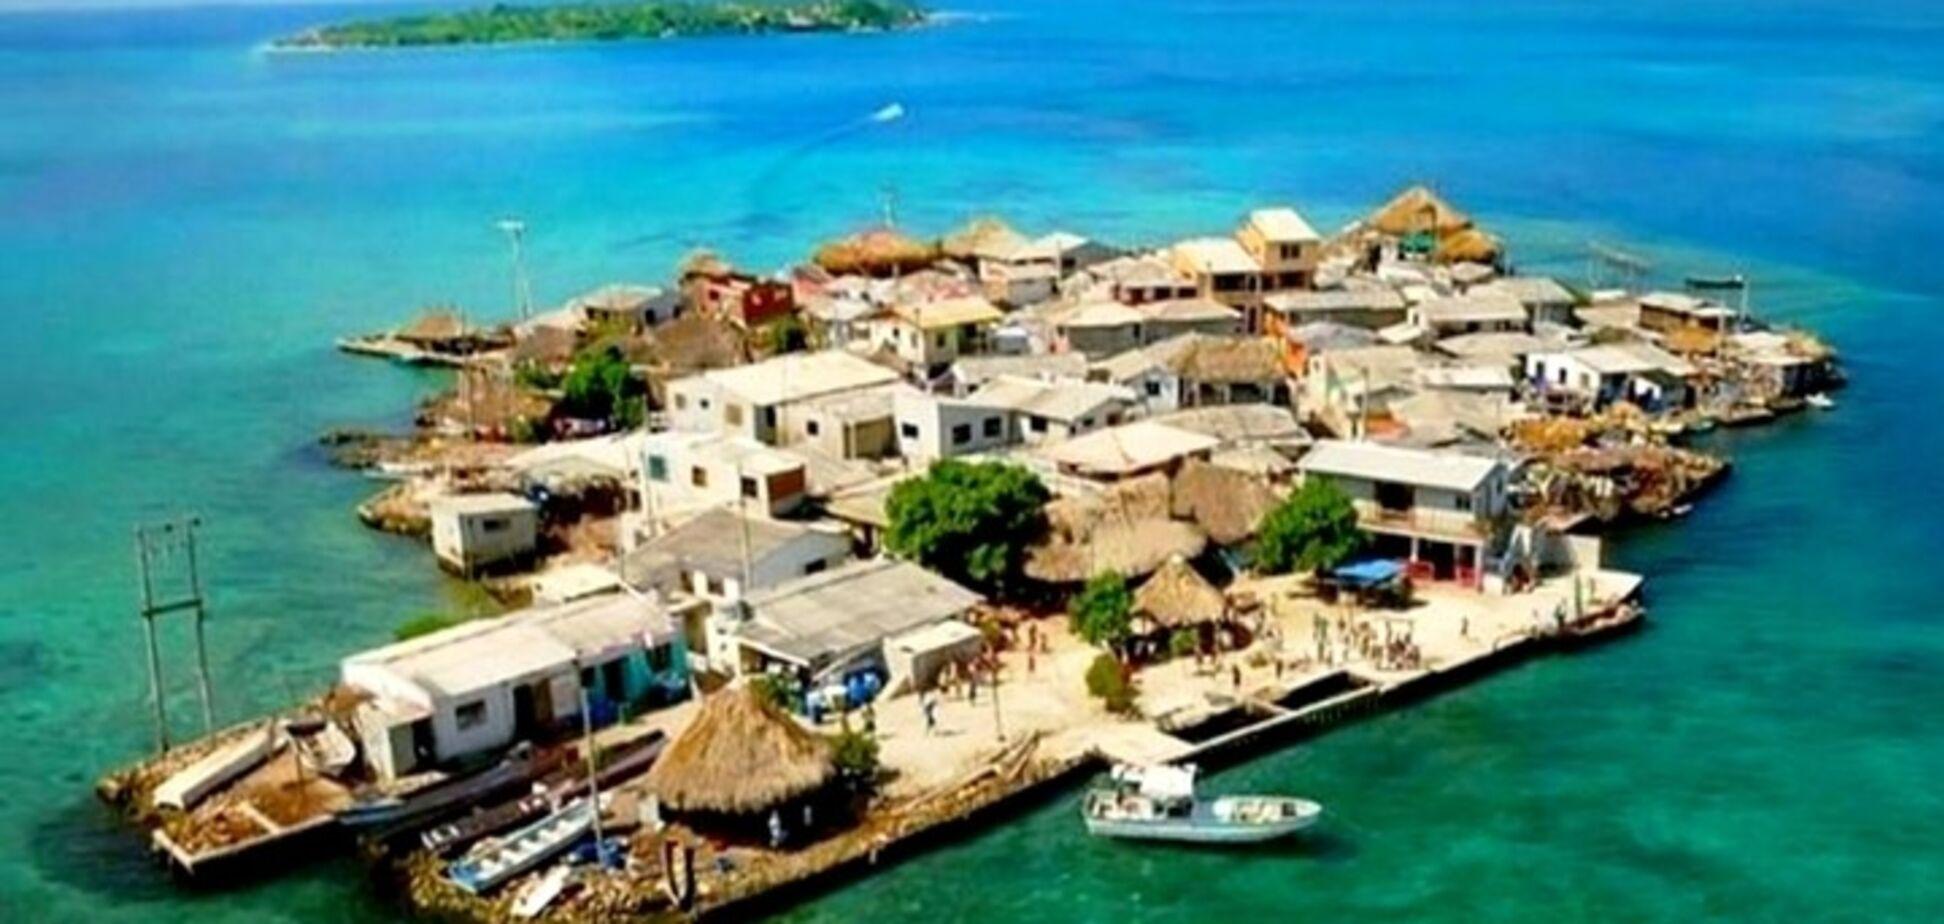 Как выглядит самый населенный остров в мире: опубликованы фото и видео